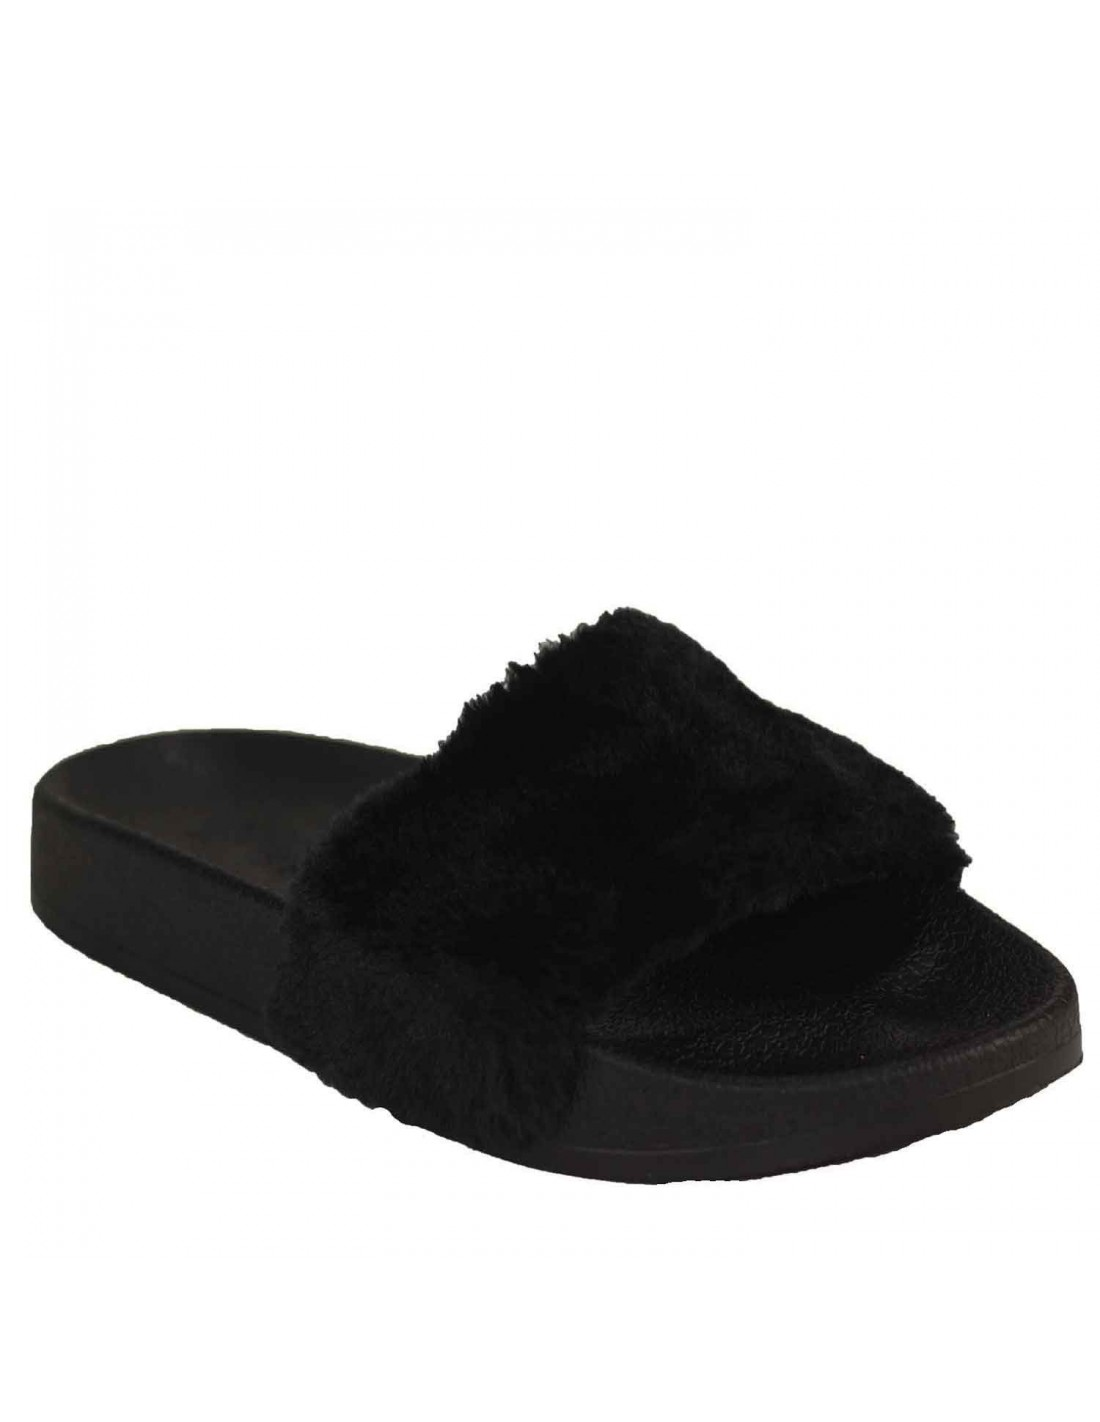 85e63b8bdf4fc mules femme noir,Chaussures femme   sandales plates,mules